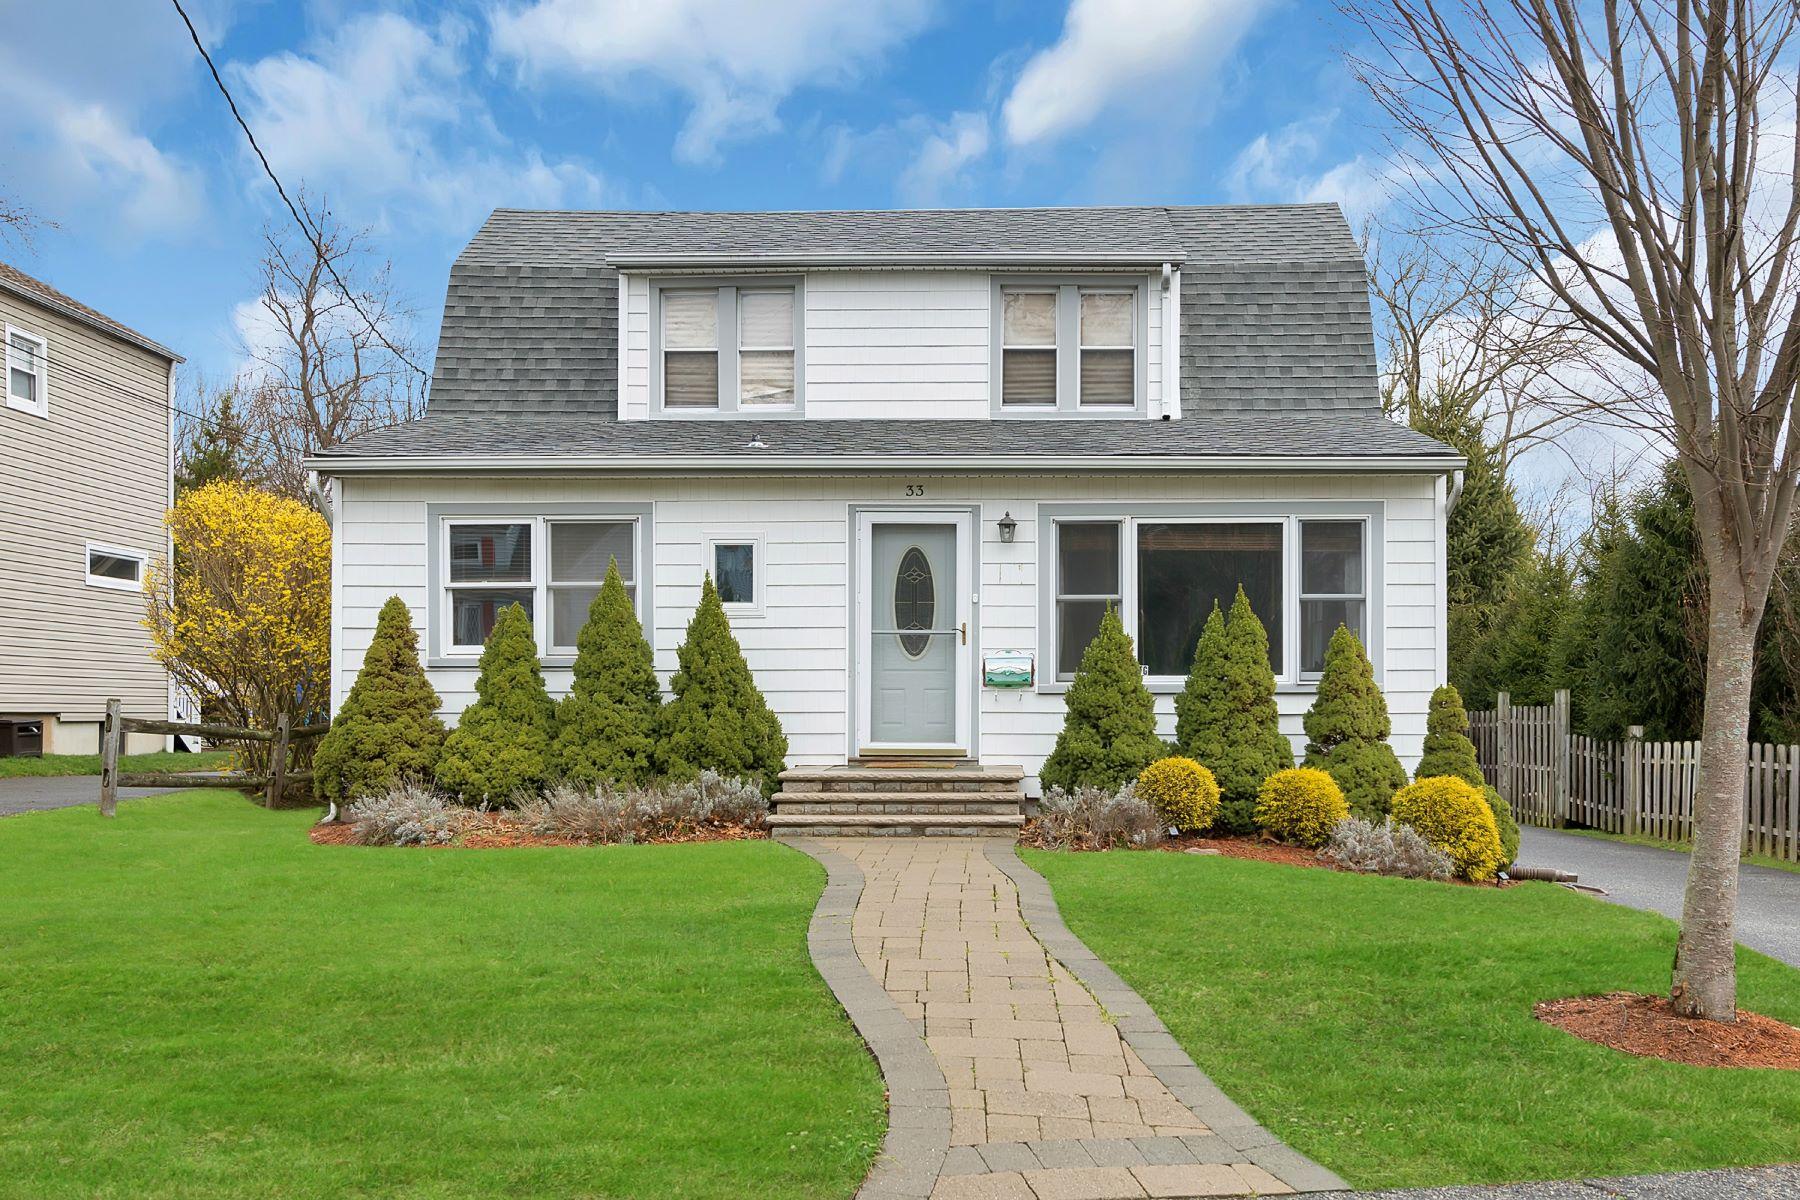 Частный односемейный дом для того Продажа на Updated & Fabulous Closter Home! 33 John Street Closter, Нью-Джерси 07624 Соединенные Штаты